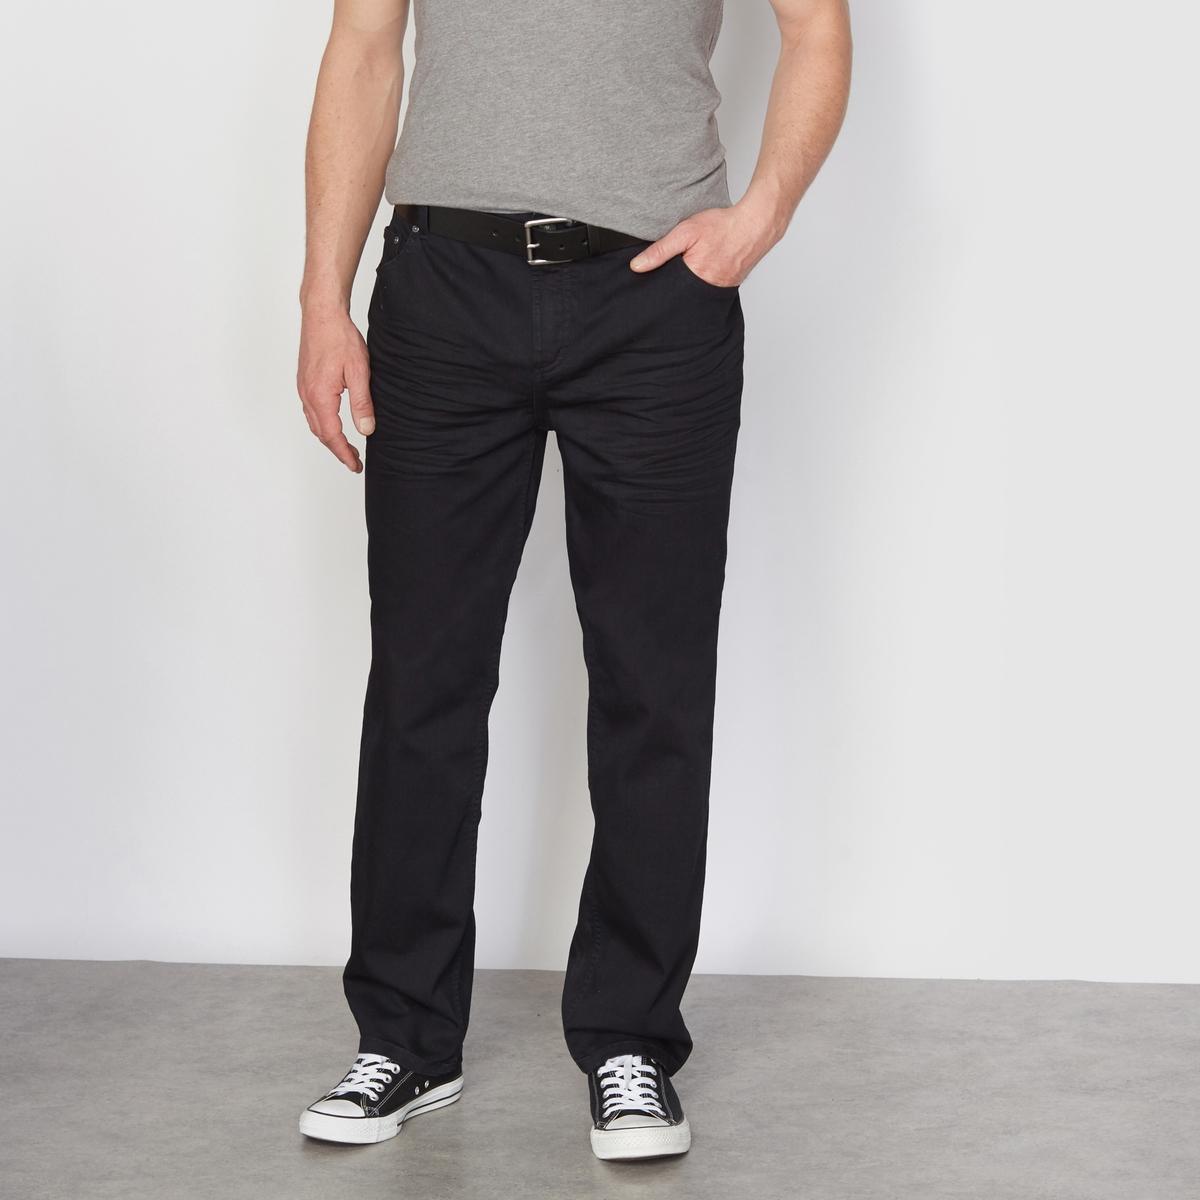 CASTALUNA FOR MEN Джинсы из денима стретч черного цвета, средней степени эластичности